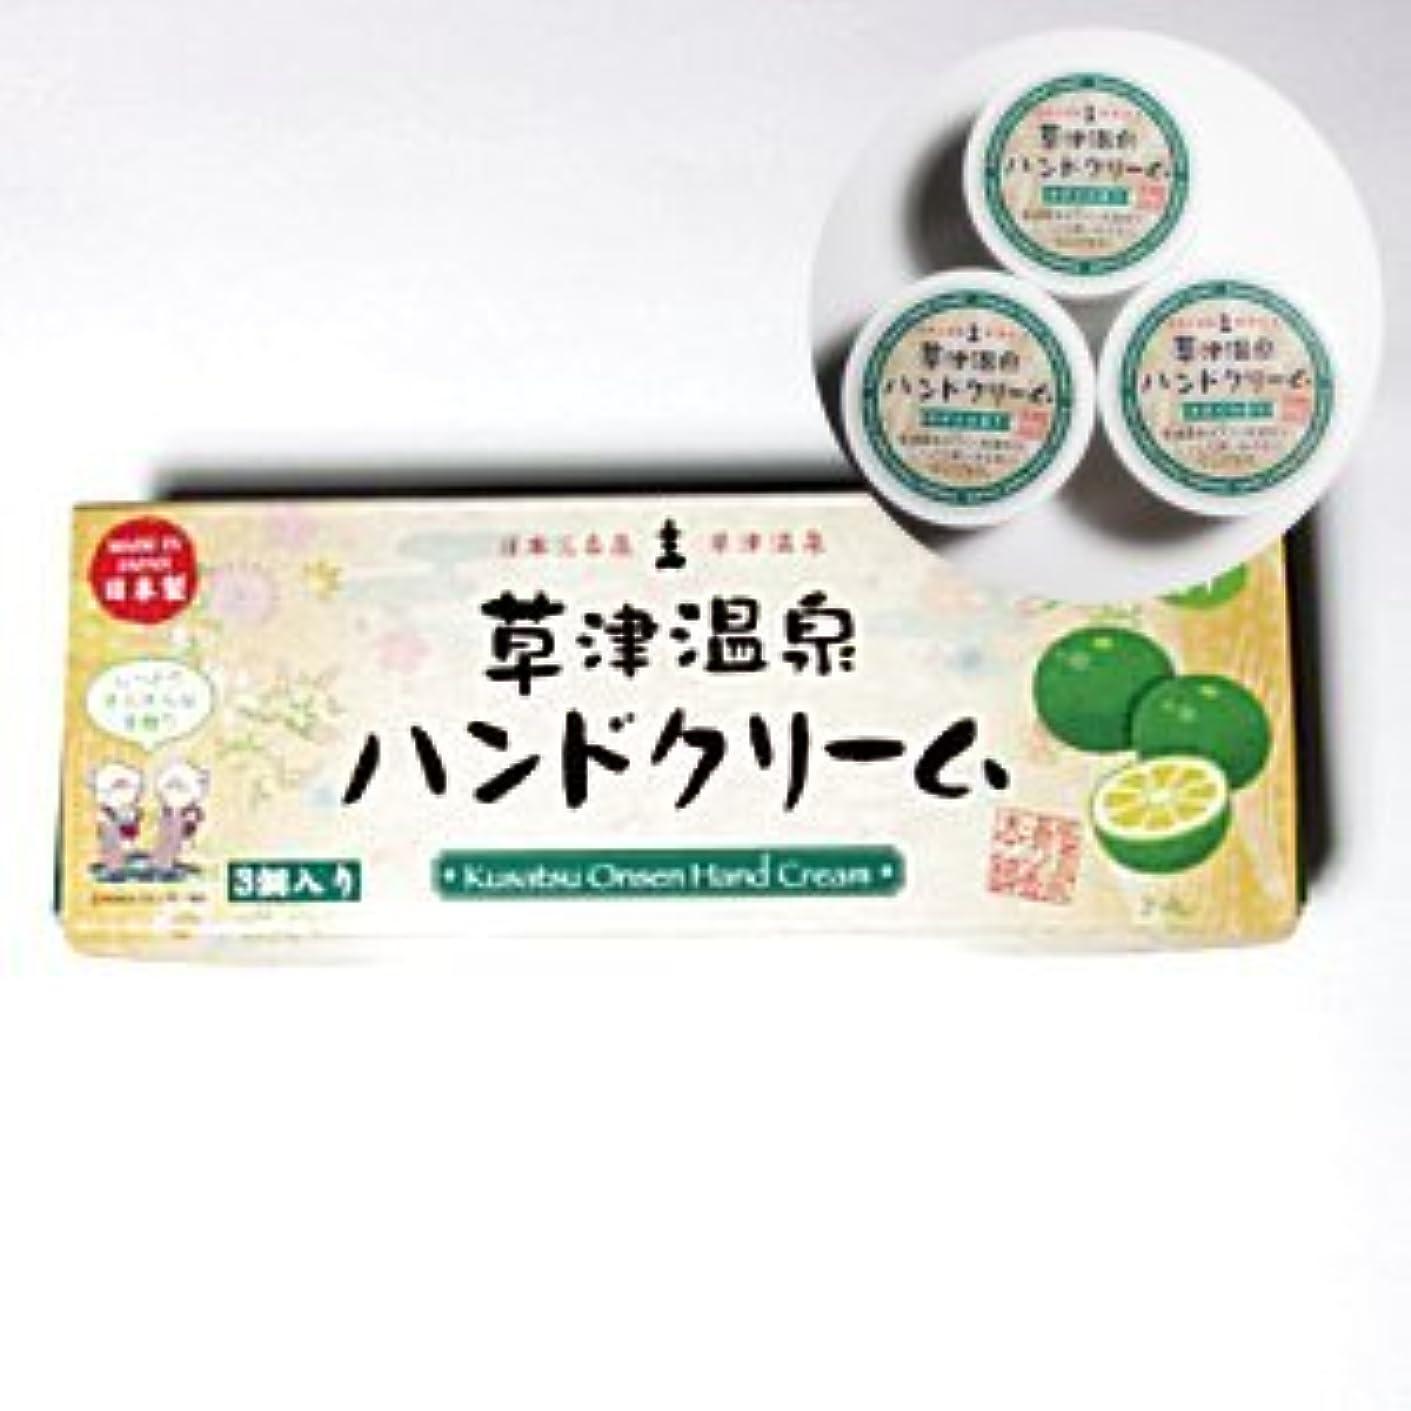 早める素晴らしいですレシピ草津温泉ハンドクリーム カボスの香り 15gx3